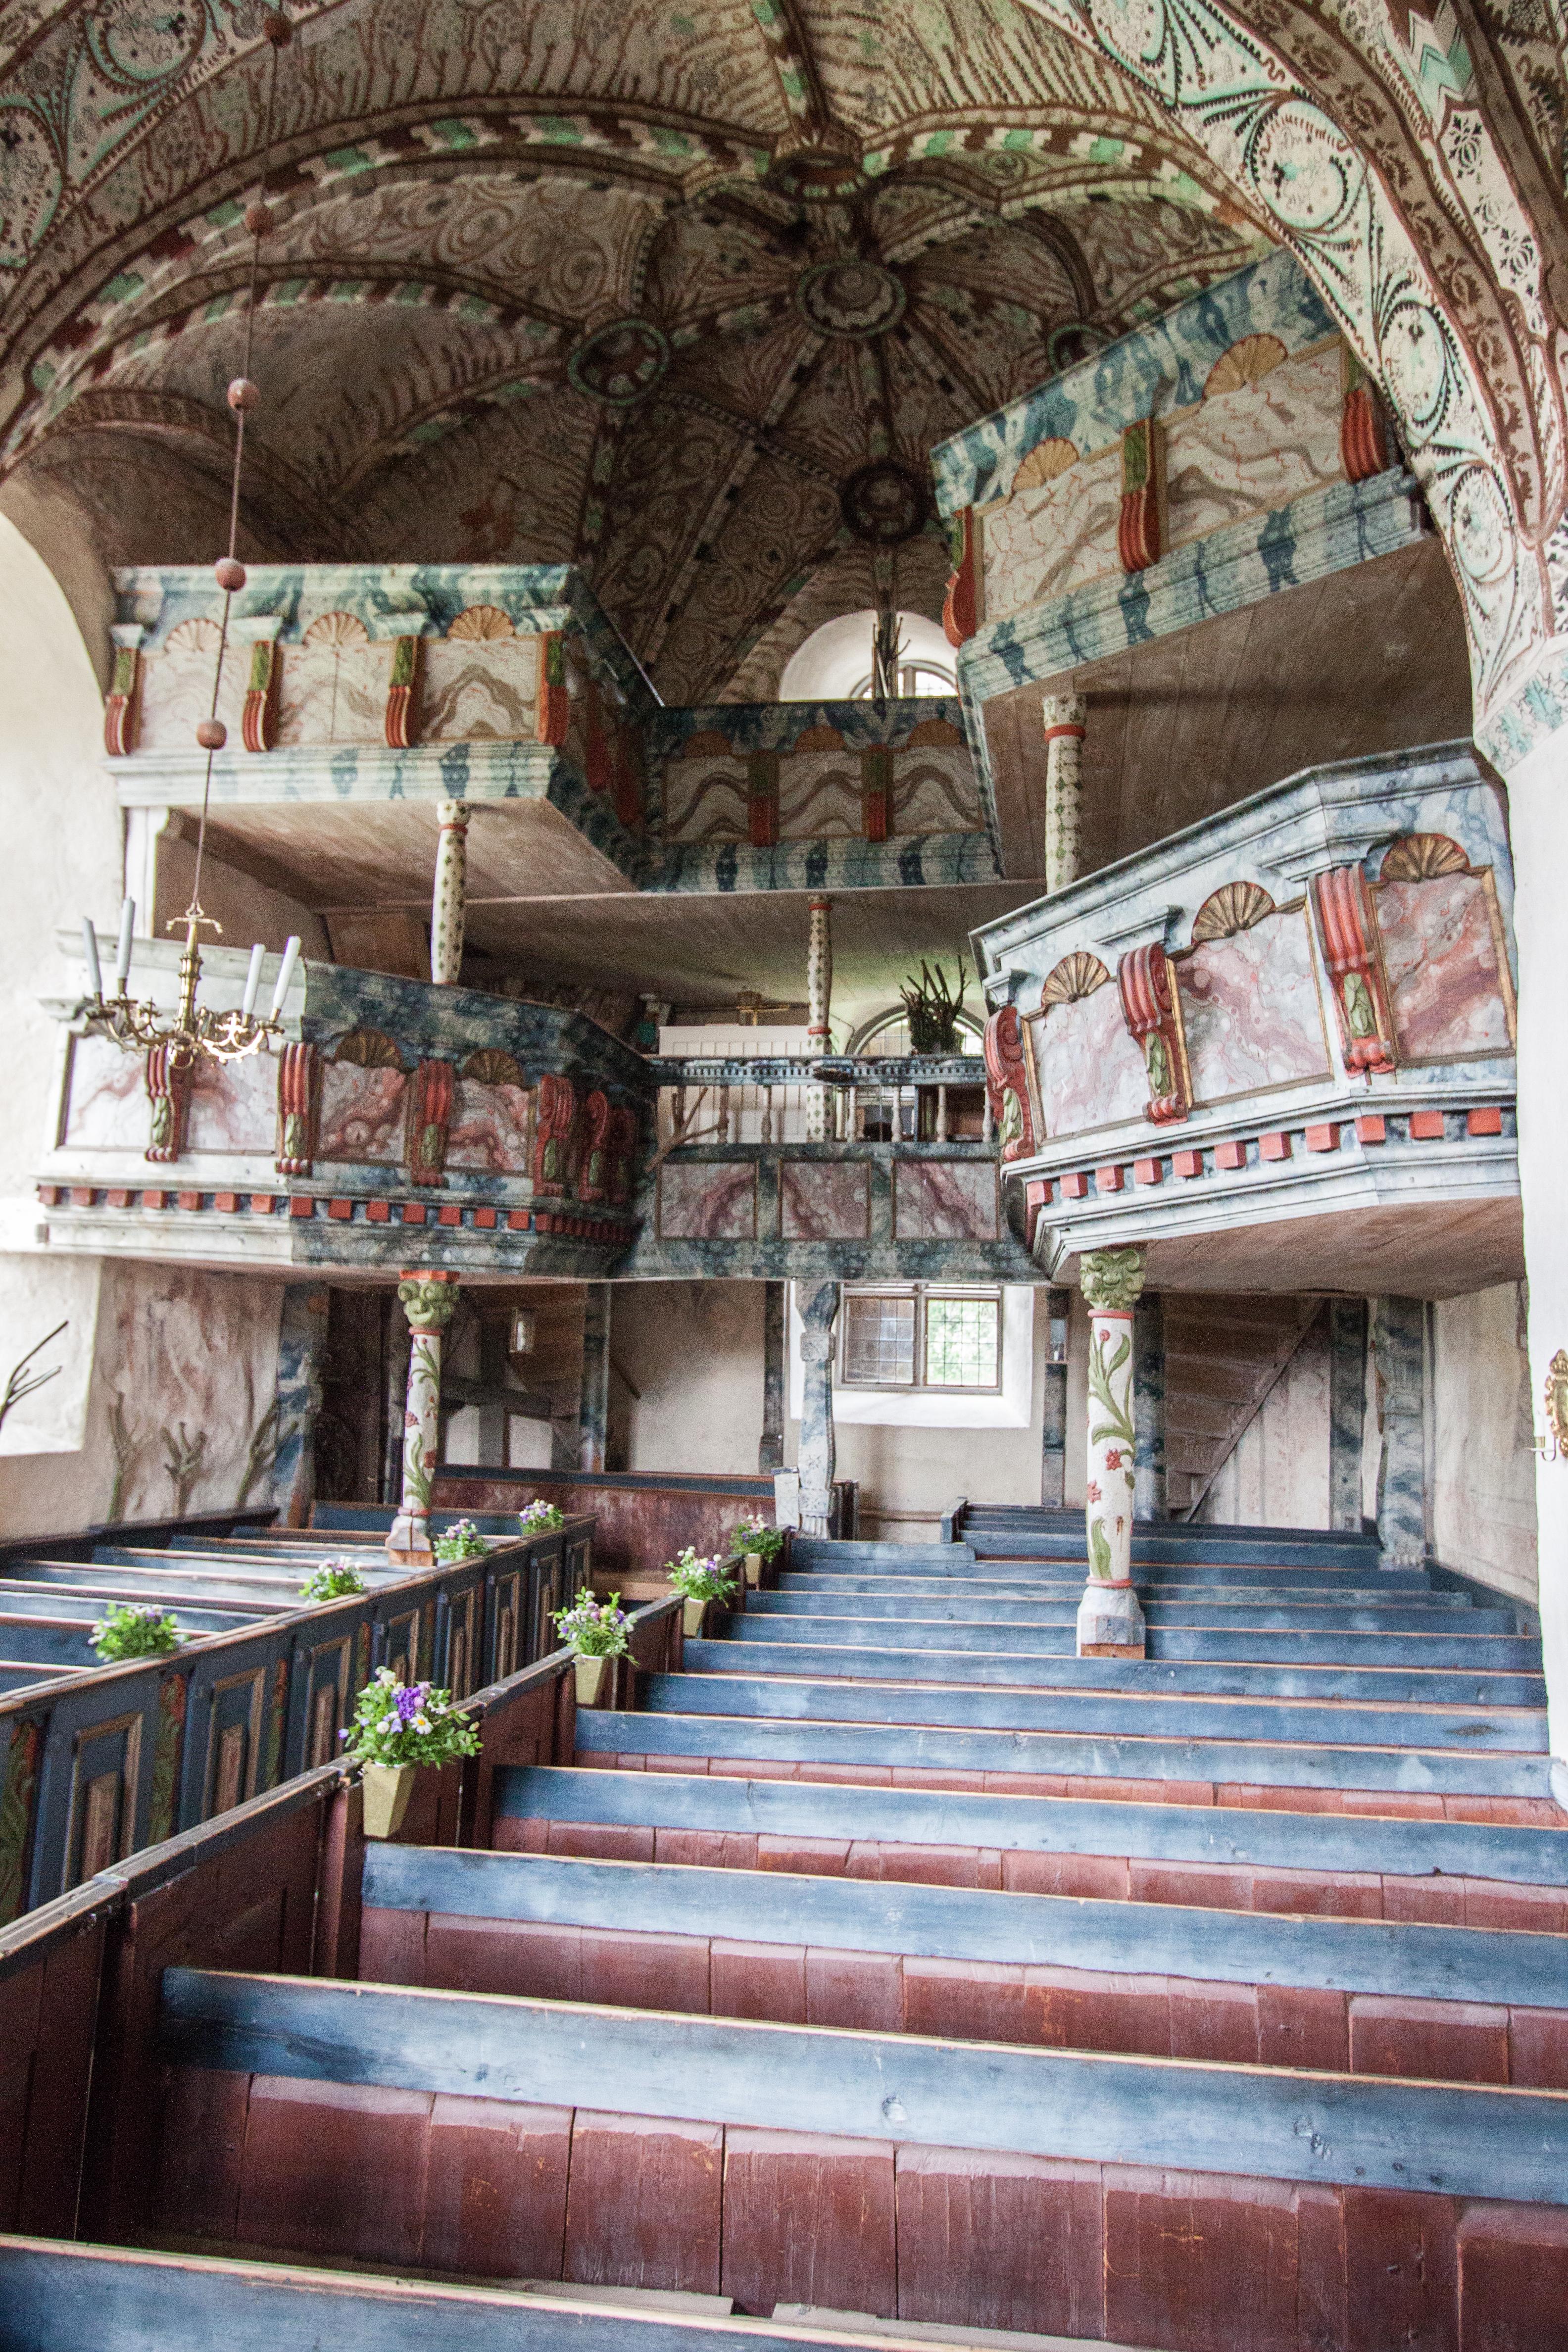 Fil:Ytterlnns gamla kyrka - KMB - Wikipedia